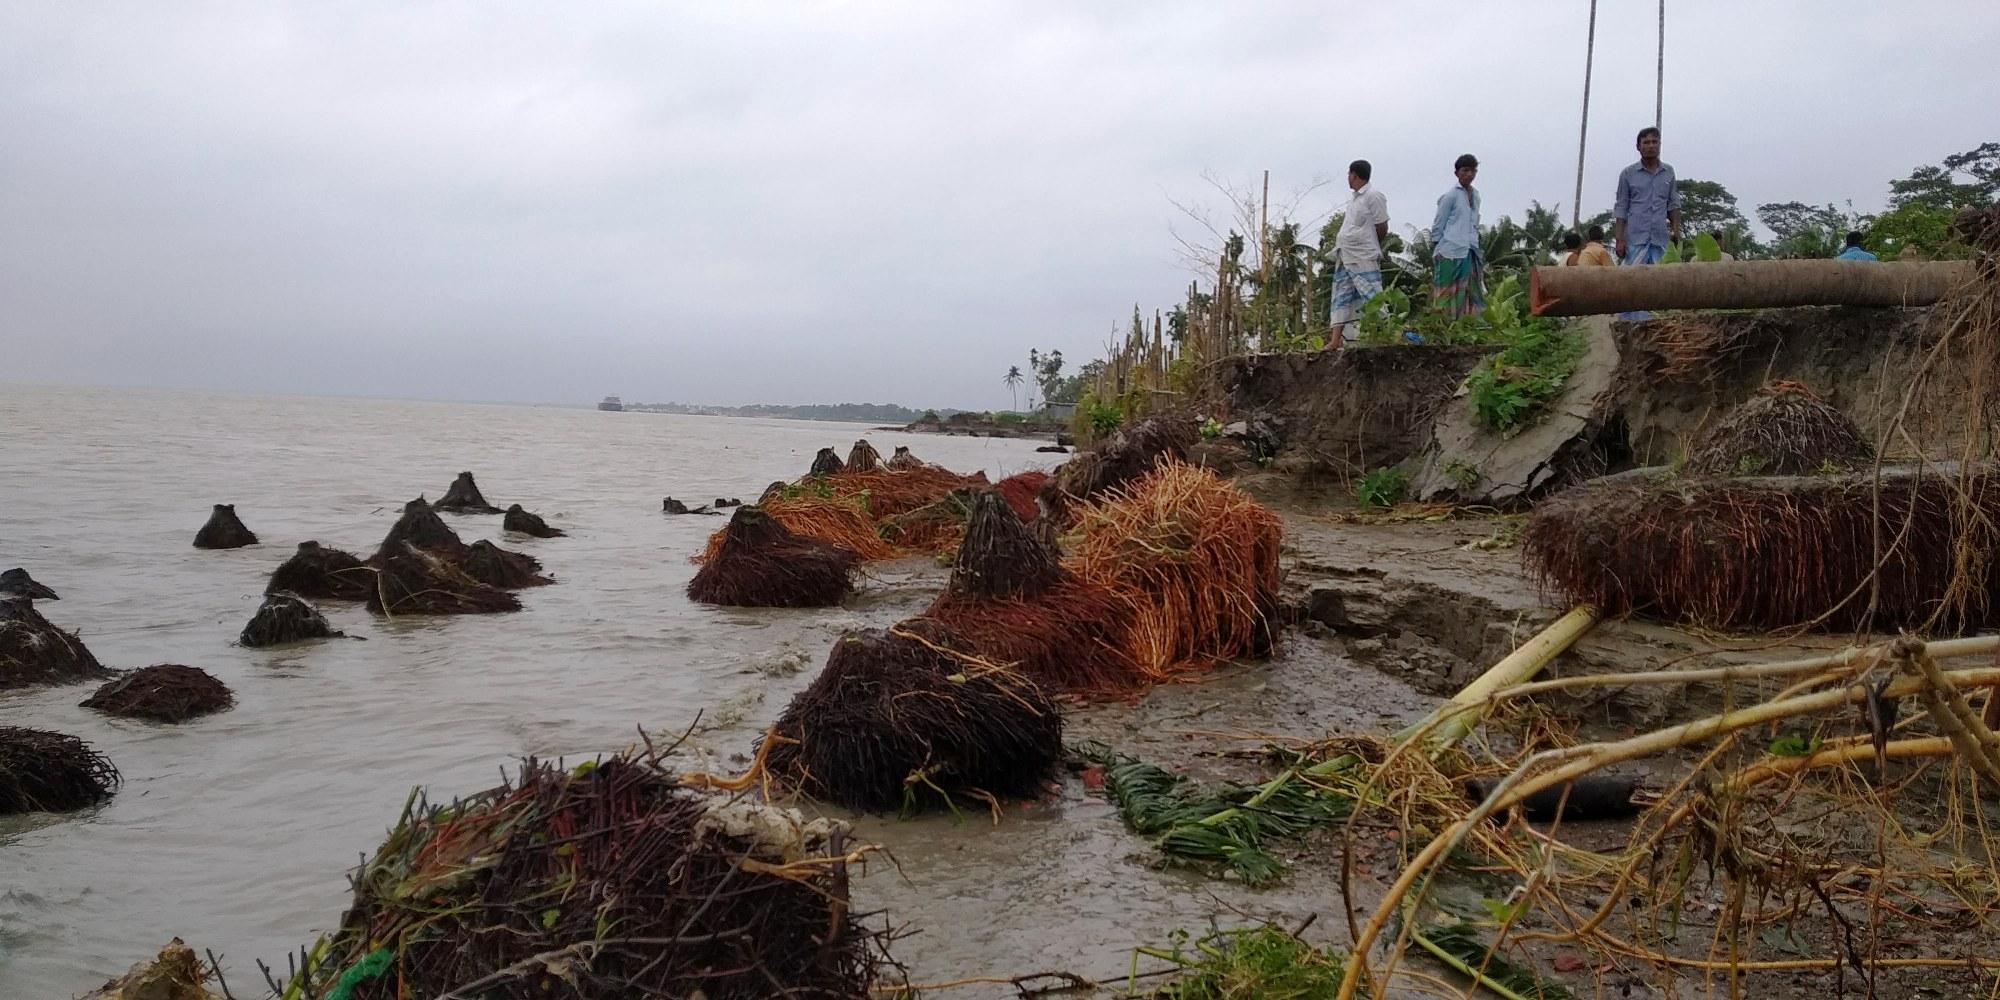 মেঘনার ভাঙনে নিঃস্ব রামগতি-কমলনগর উপজেলার লাখো মানুষ